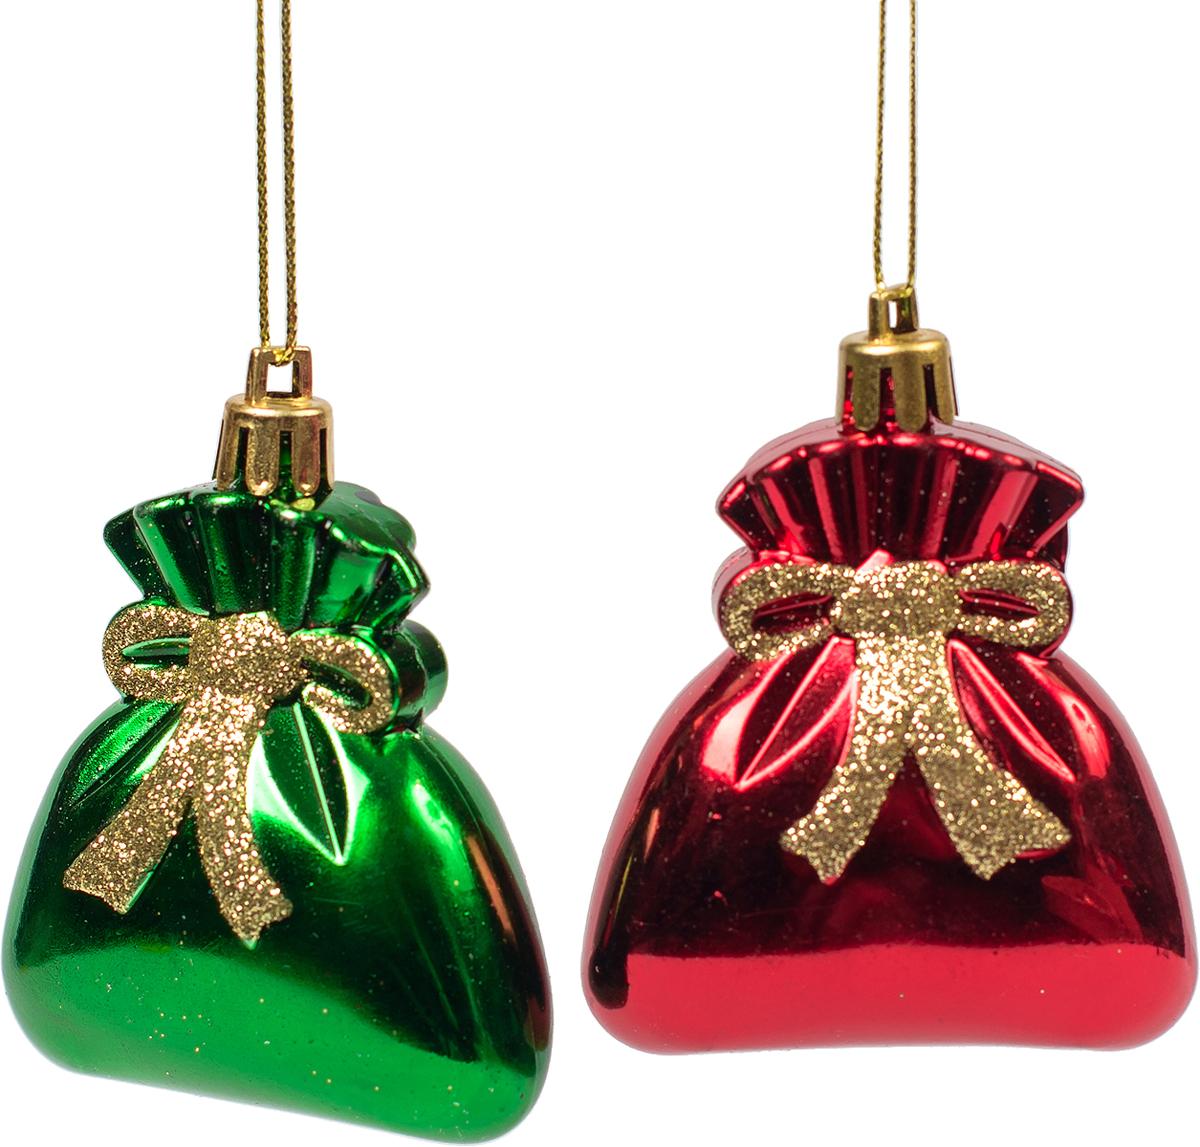 Украшение новогоднее подвесное Magic Time, 2 шт. 7544975449Новогоднее подвесное украшение, выполненное из пластика, в виде мешков с подарками.В наборе 2 шт.